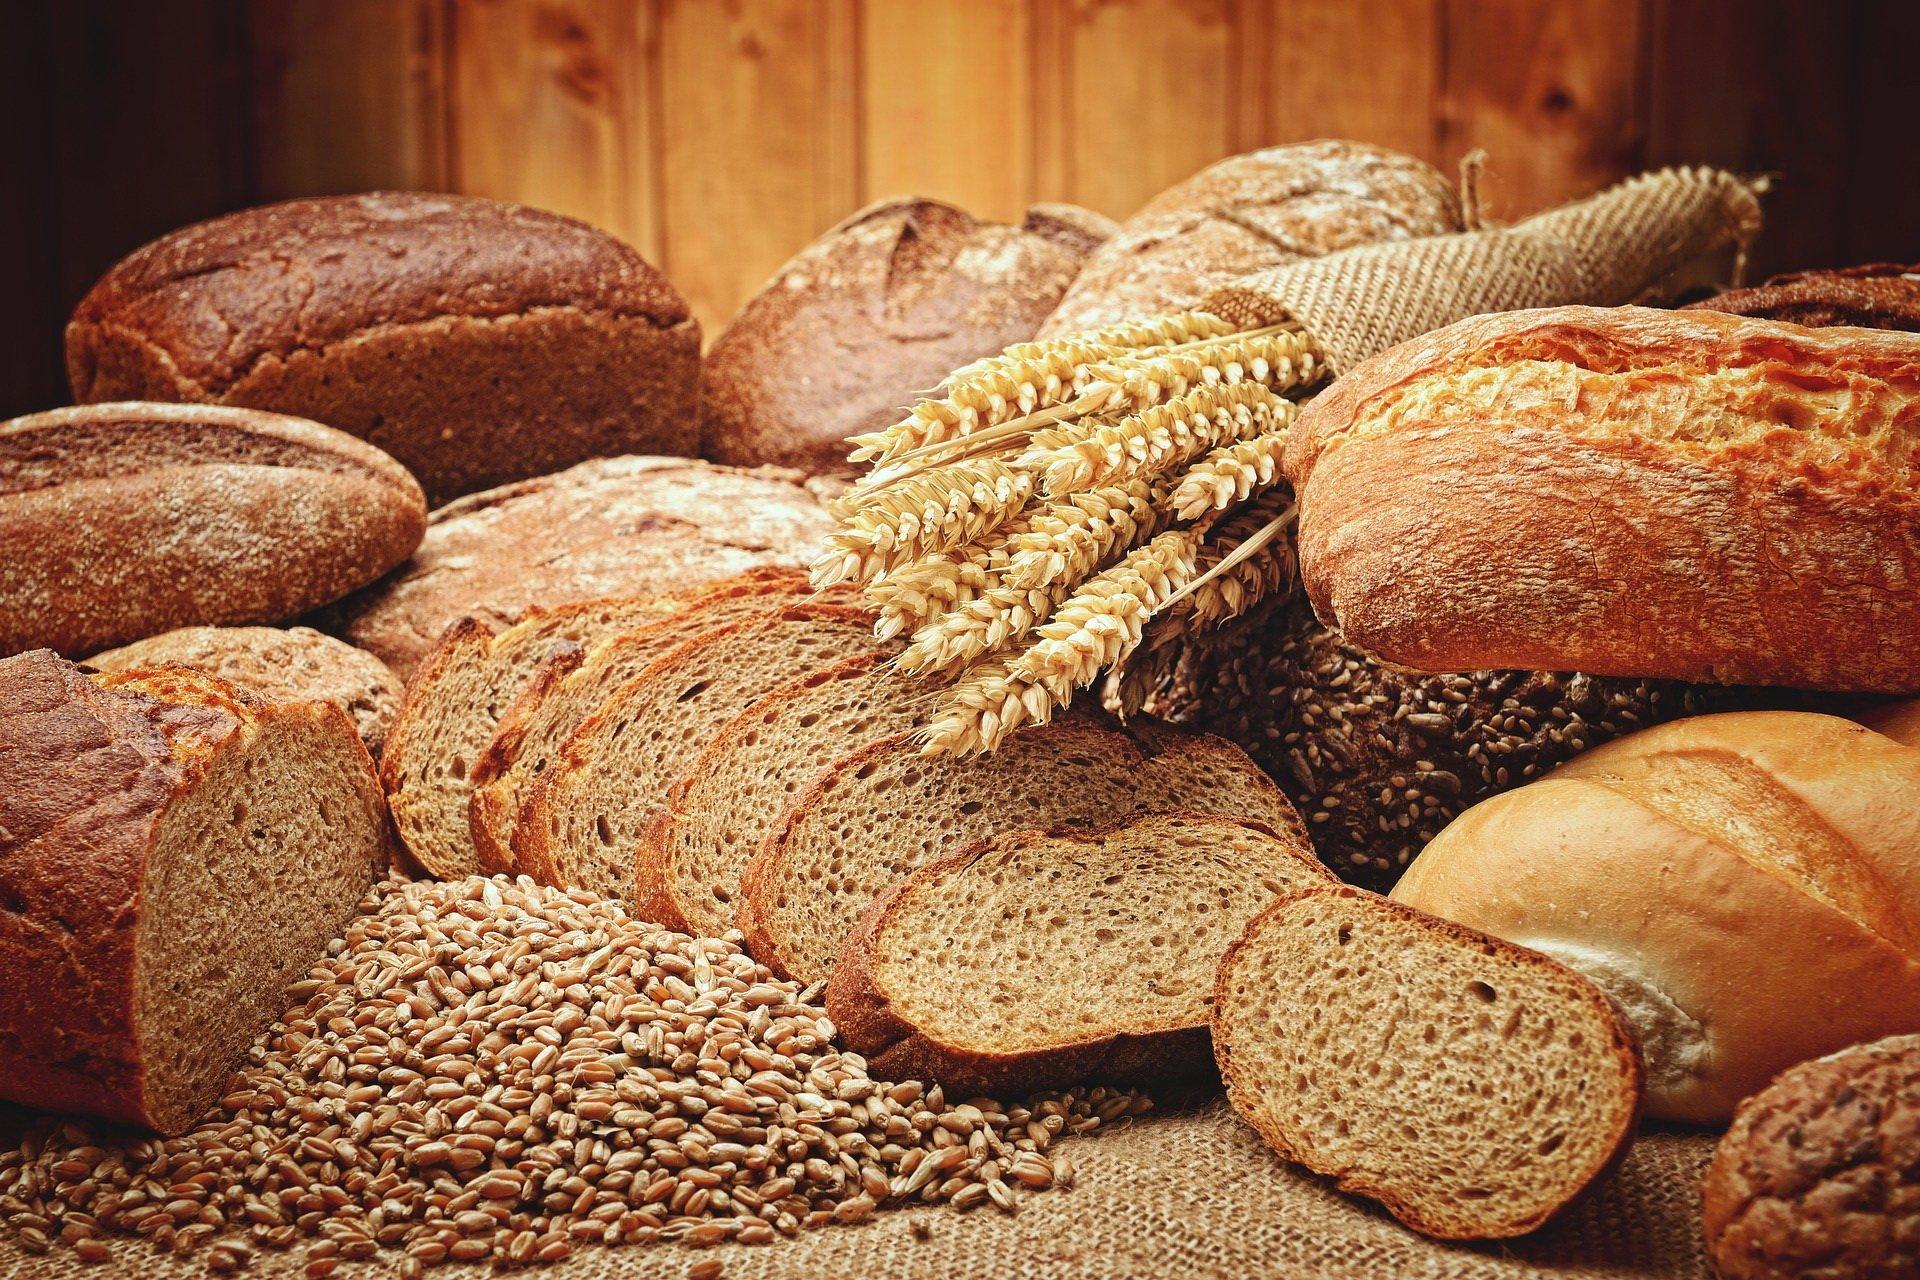 Mało nas do pieczenia chleba piosenka tekst i melodia